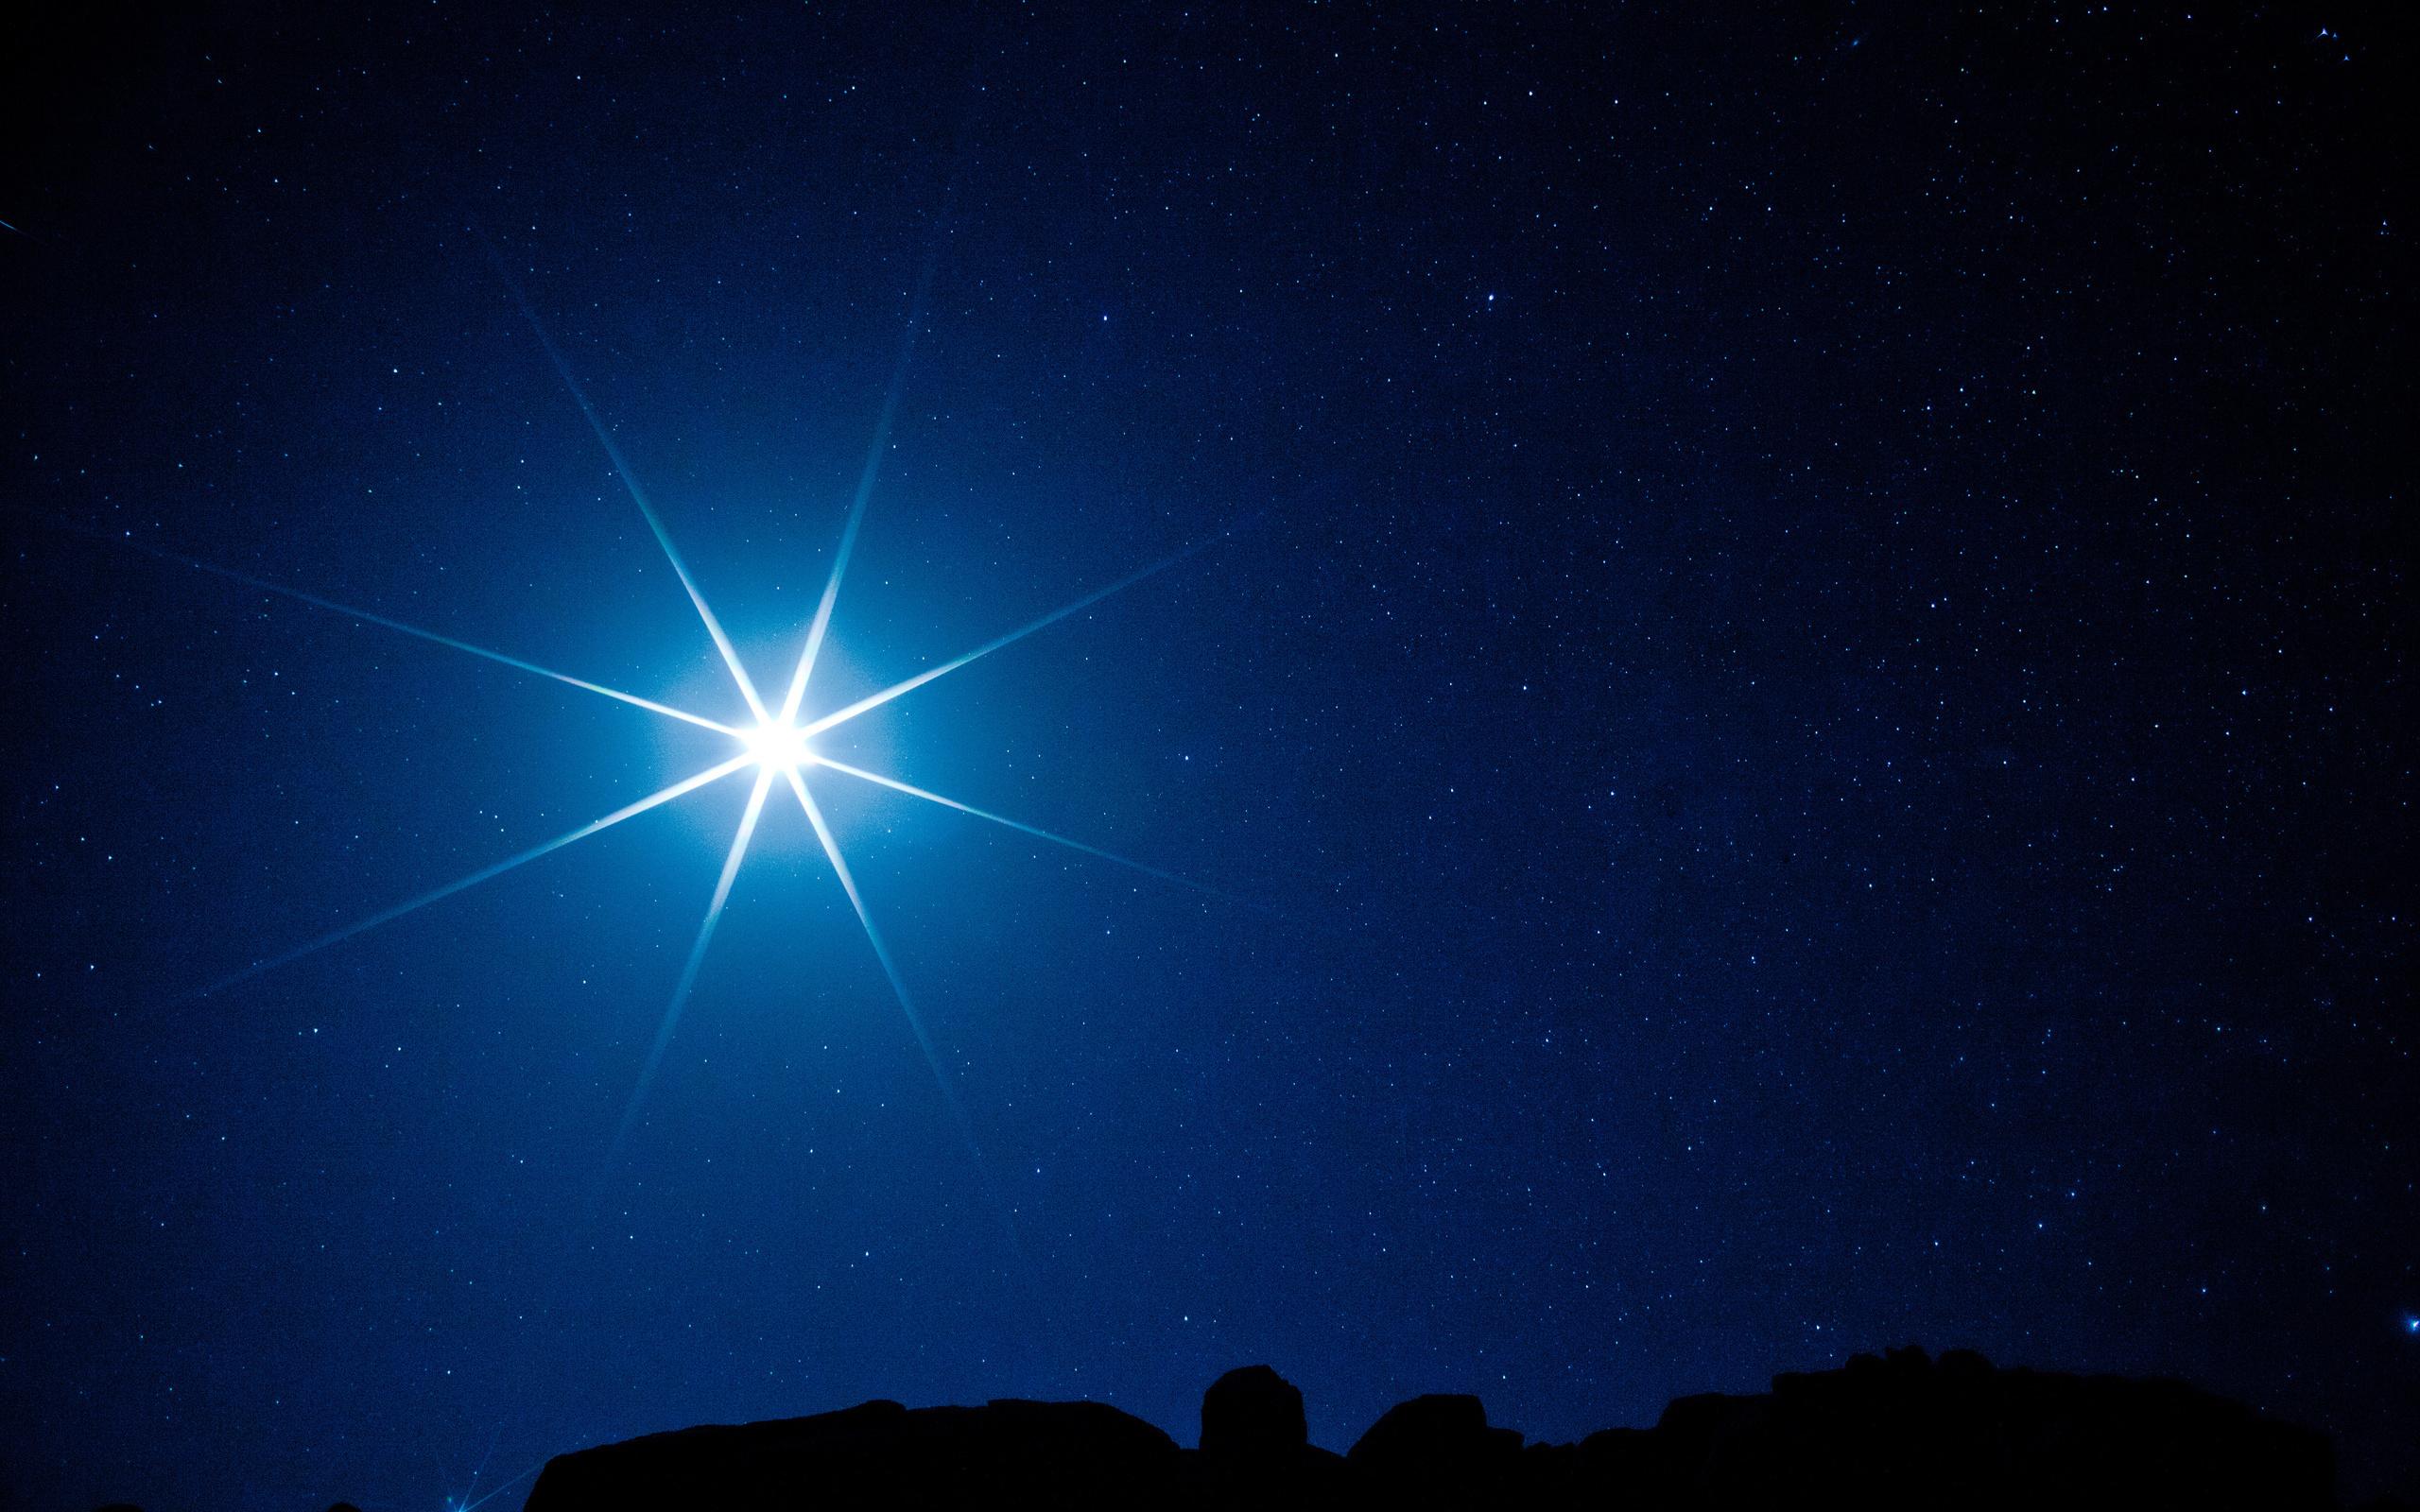 Картинки со звезды на небе